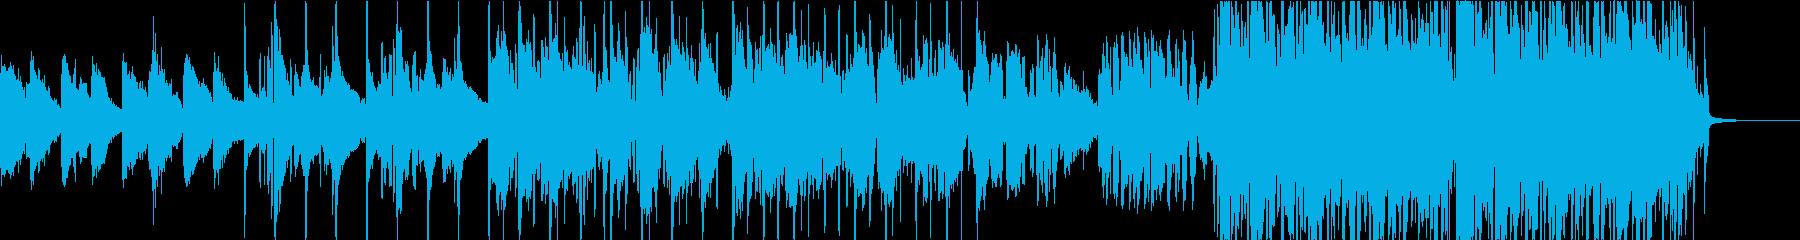 ジャスティン・ビーバー系のPop/R&Bの再生済みの波形